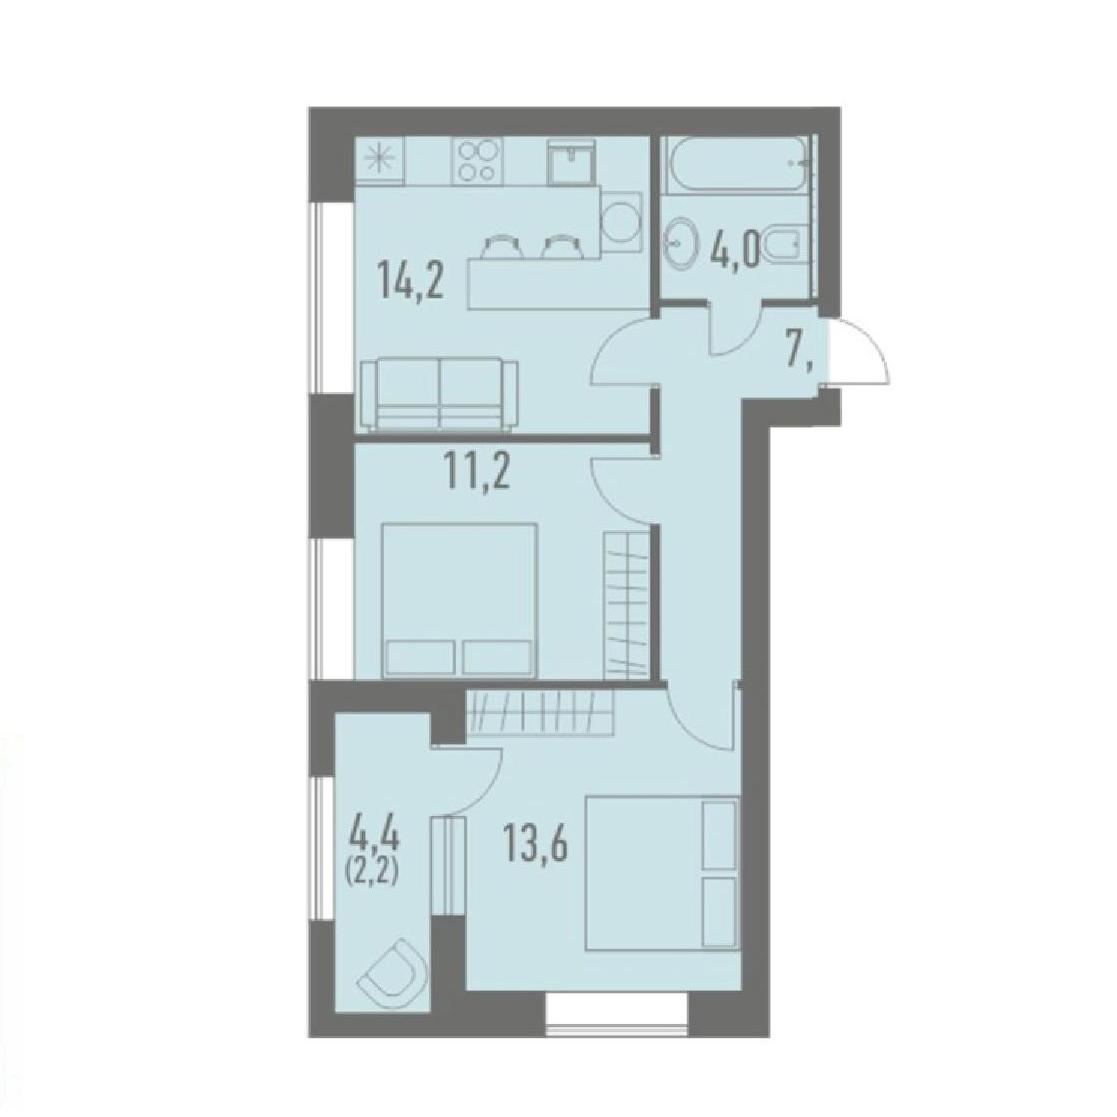 Топ-10 неудачных планировок квартир в новостройках - фото 9